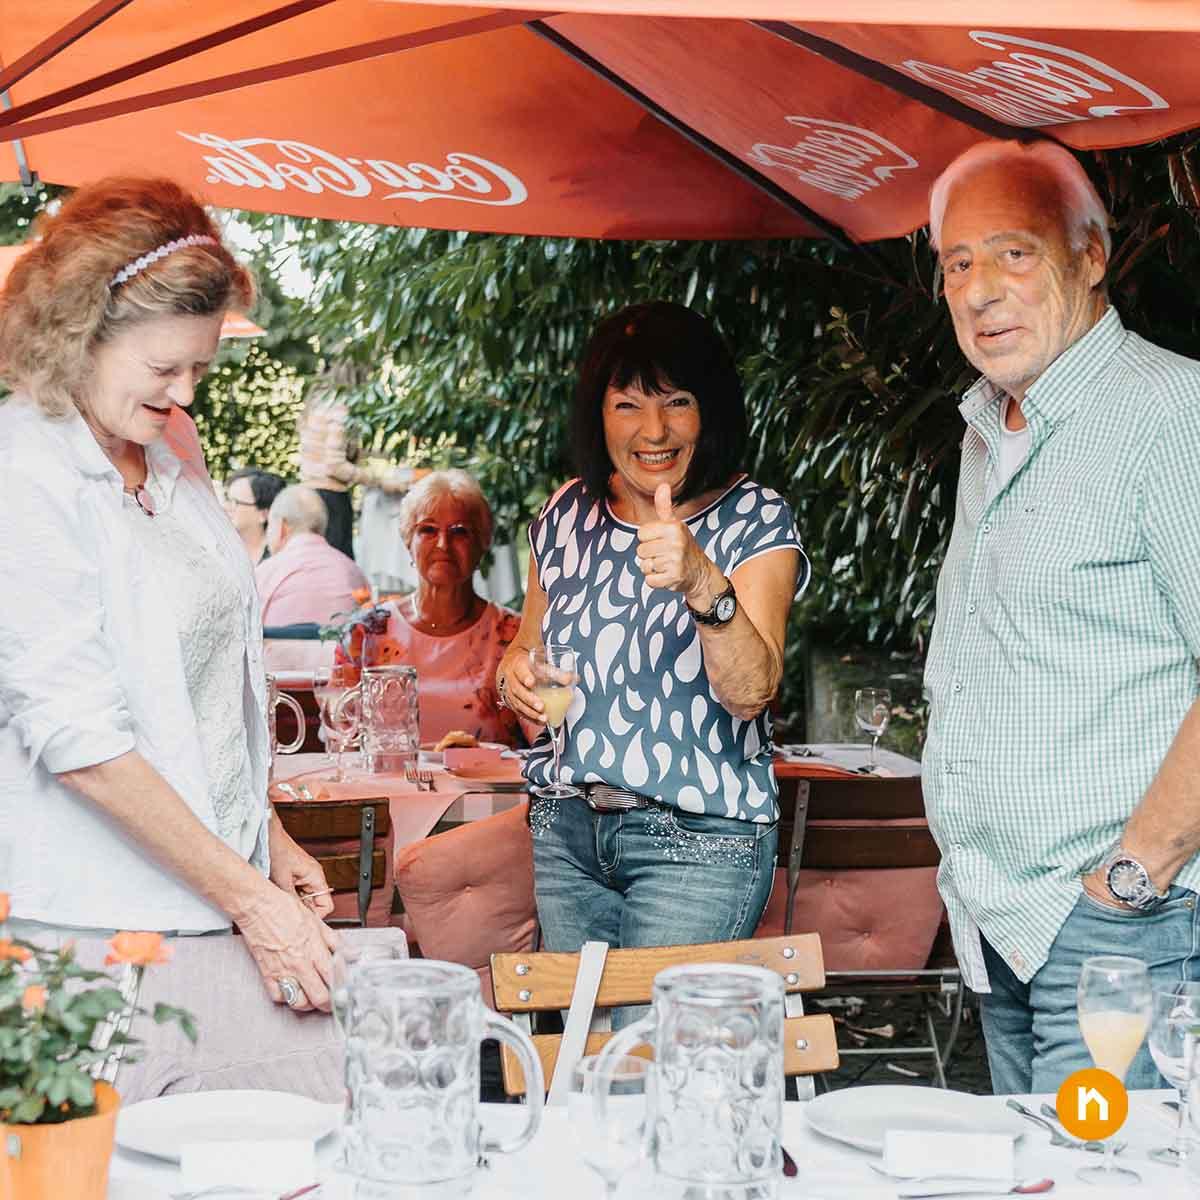 DEGIV-Sommerfest 2021 – es war uns eine Ehre!